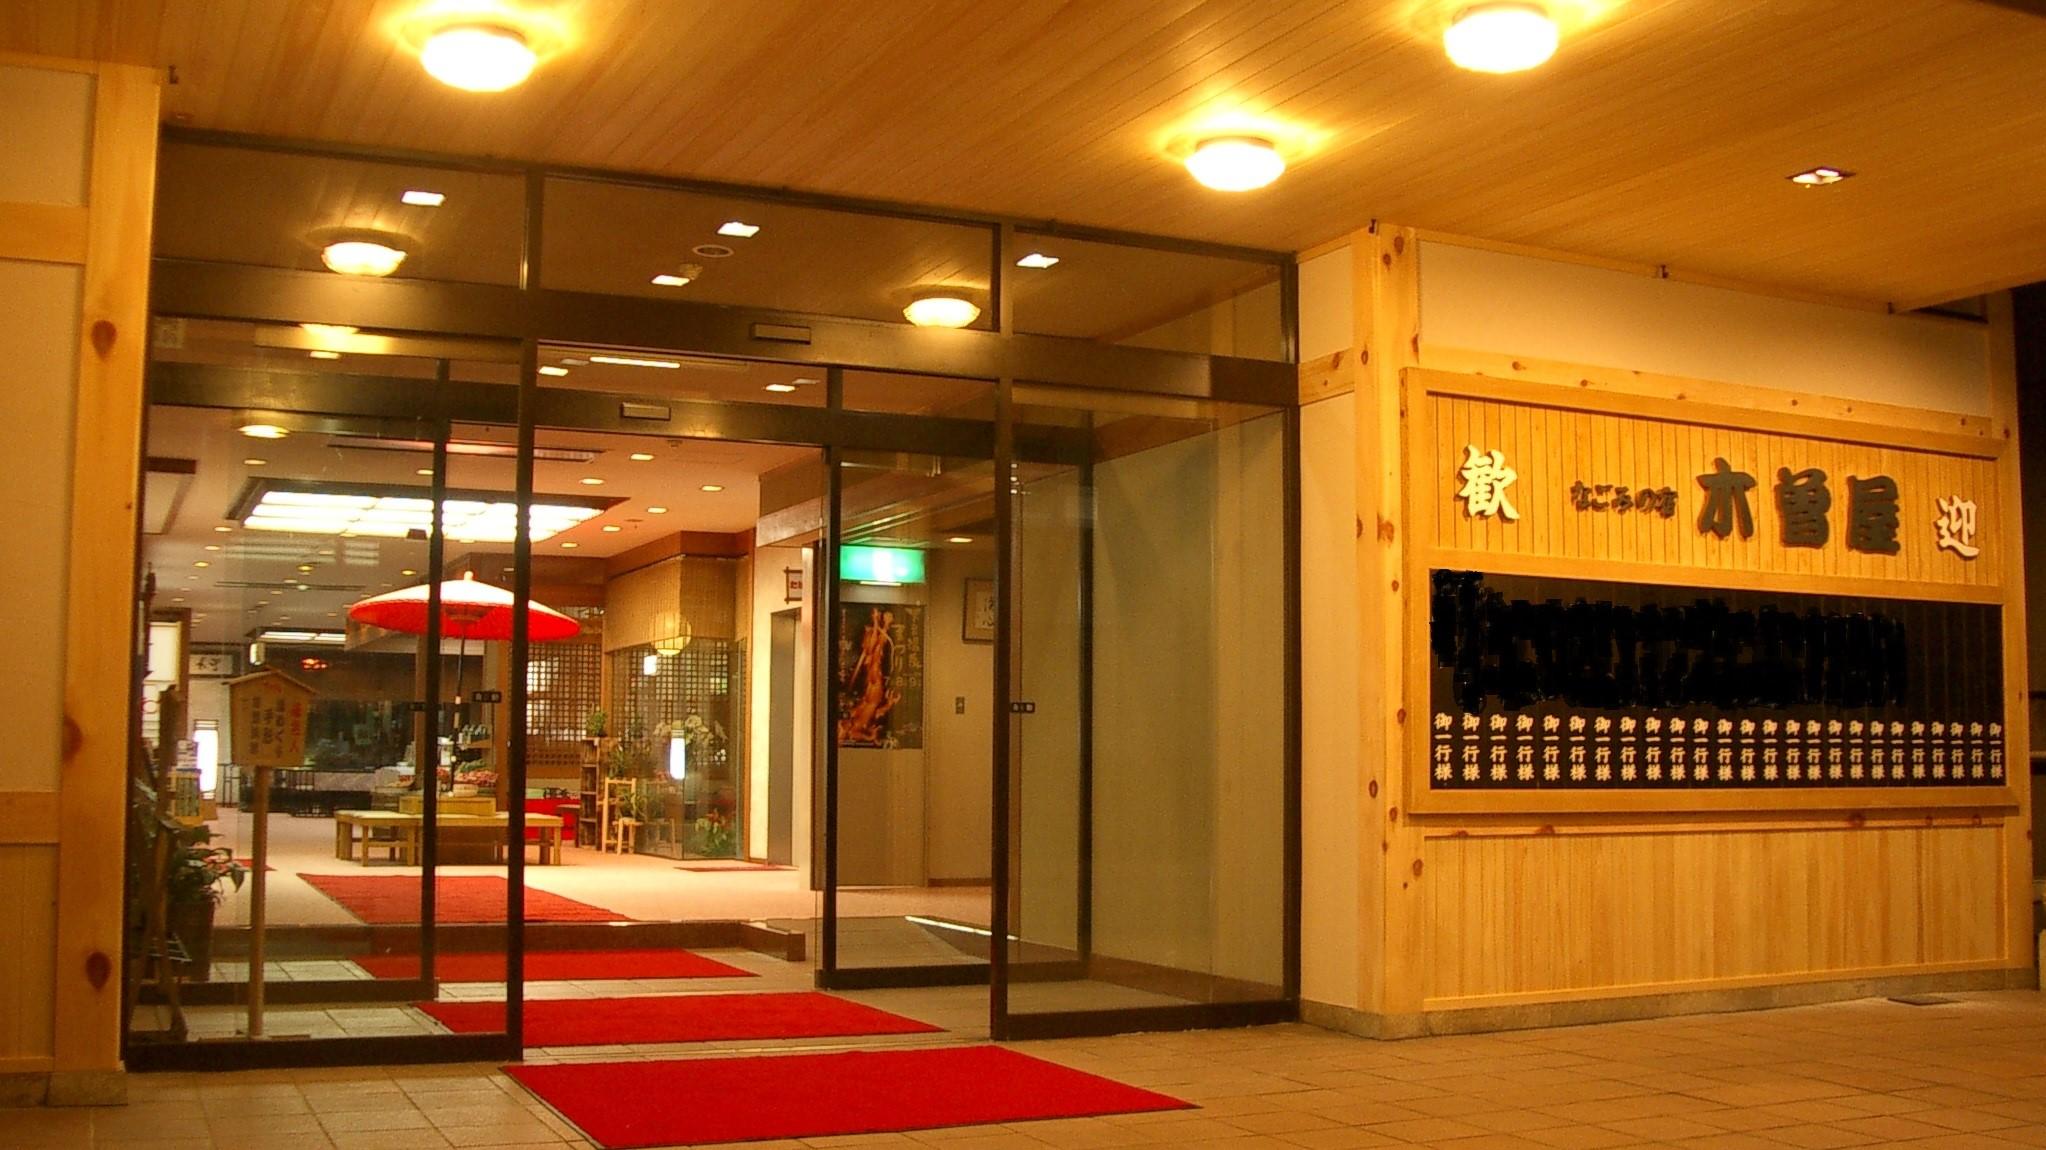 宿泊客は駐車場無料で料理が豪華な下呂温泉の旅館を教えて